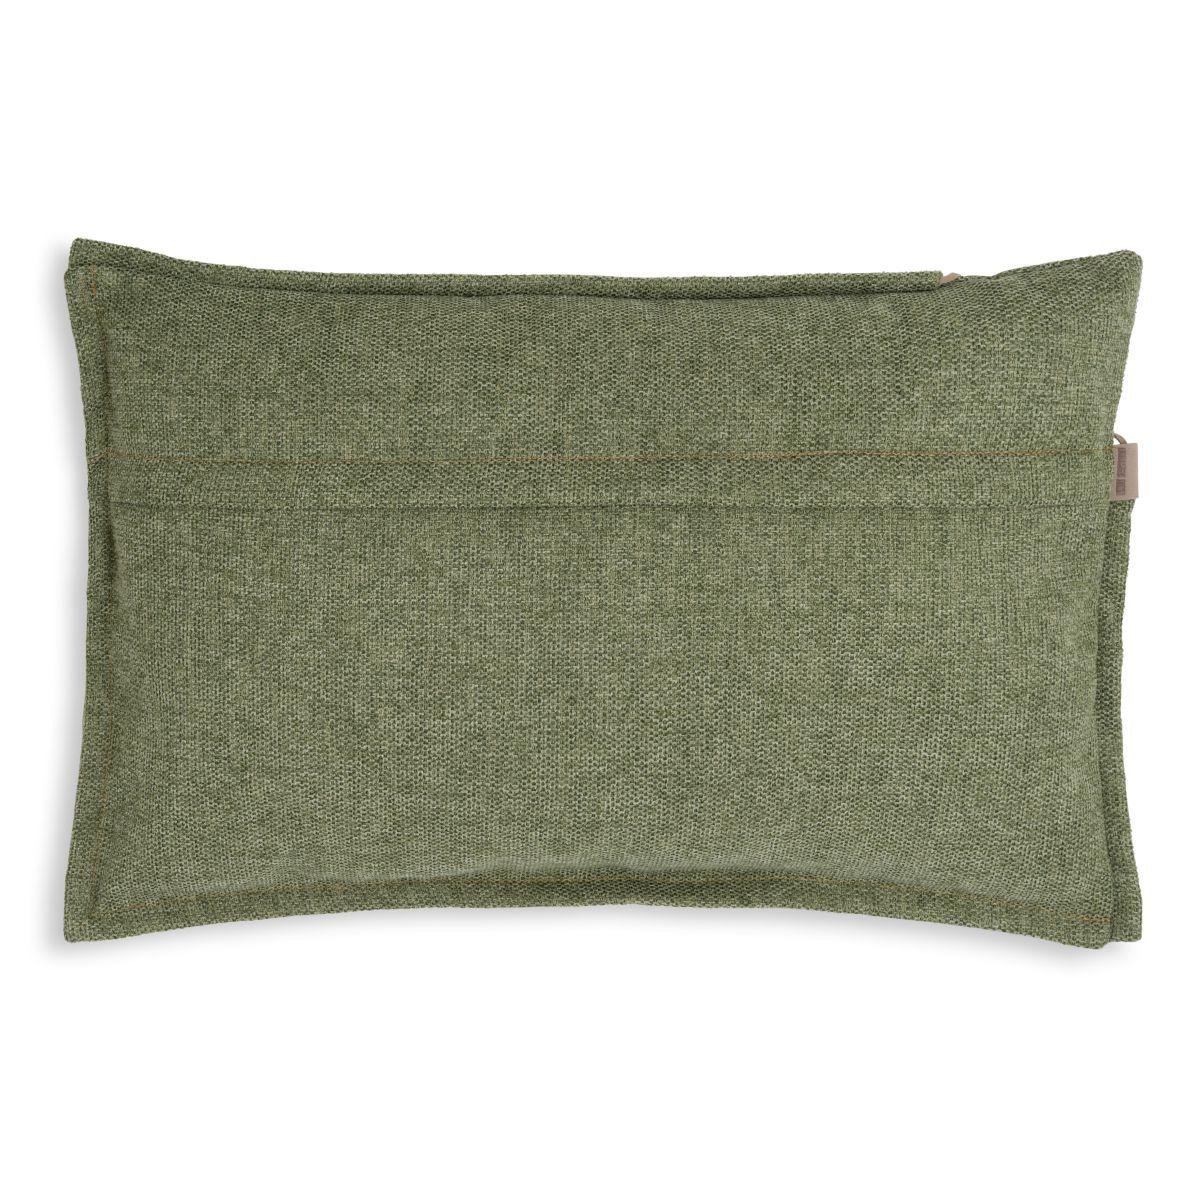 knit factory kf153013014 imre kussen groen 60x40 2